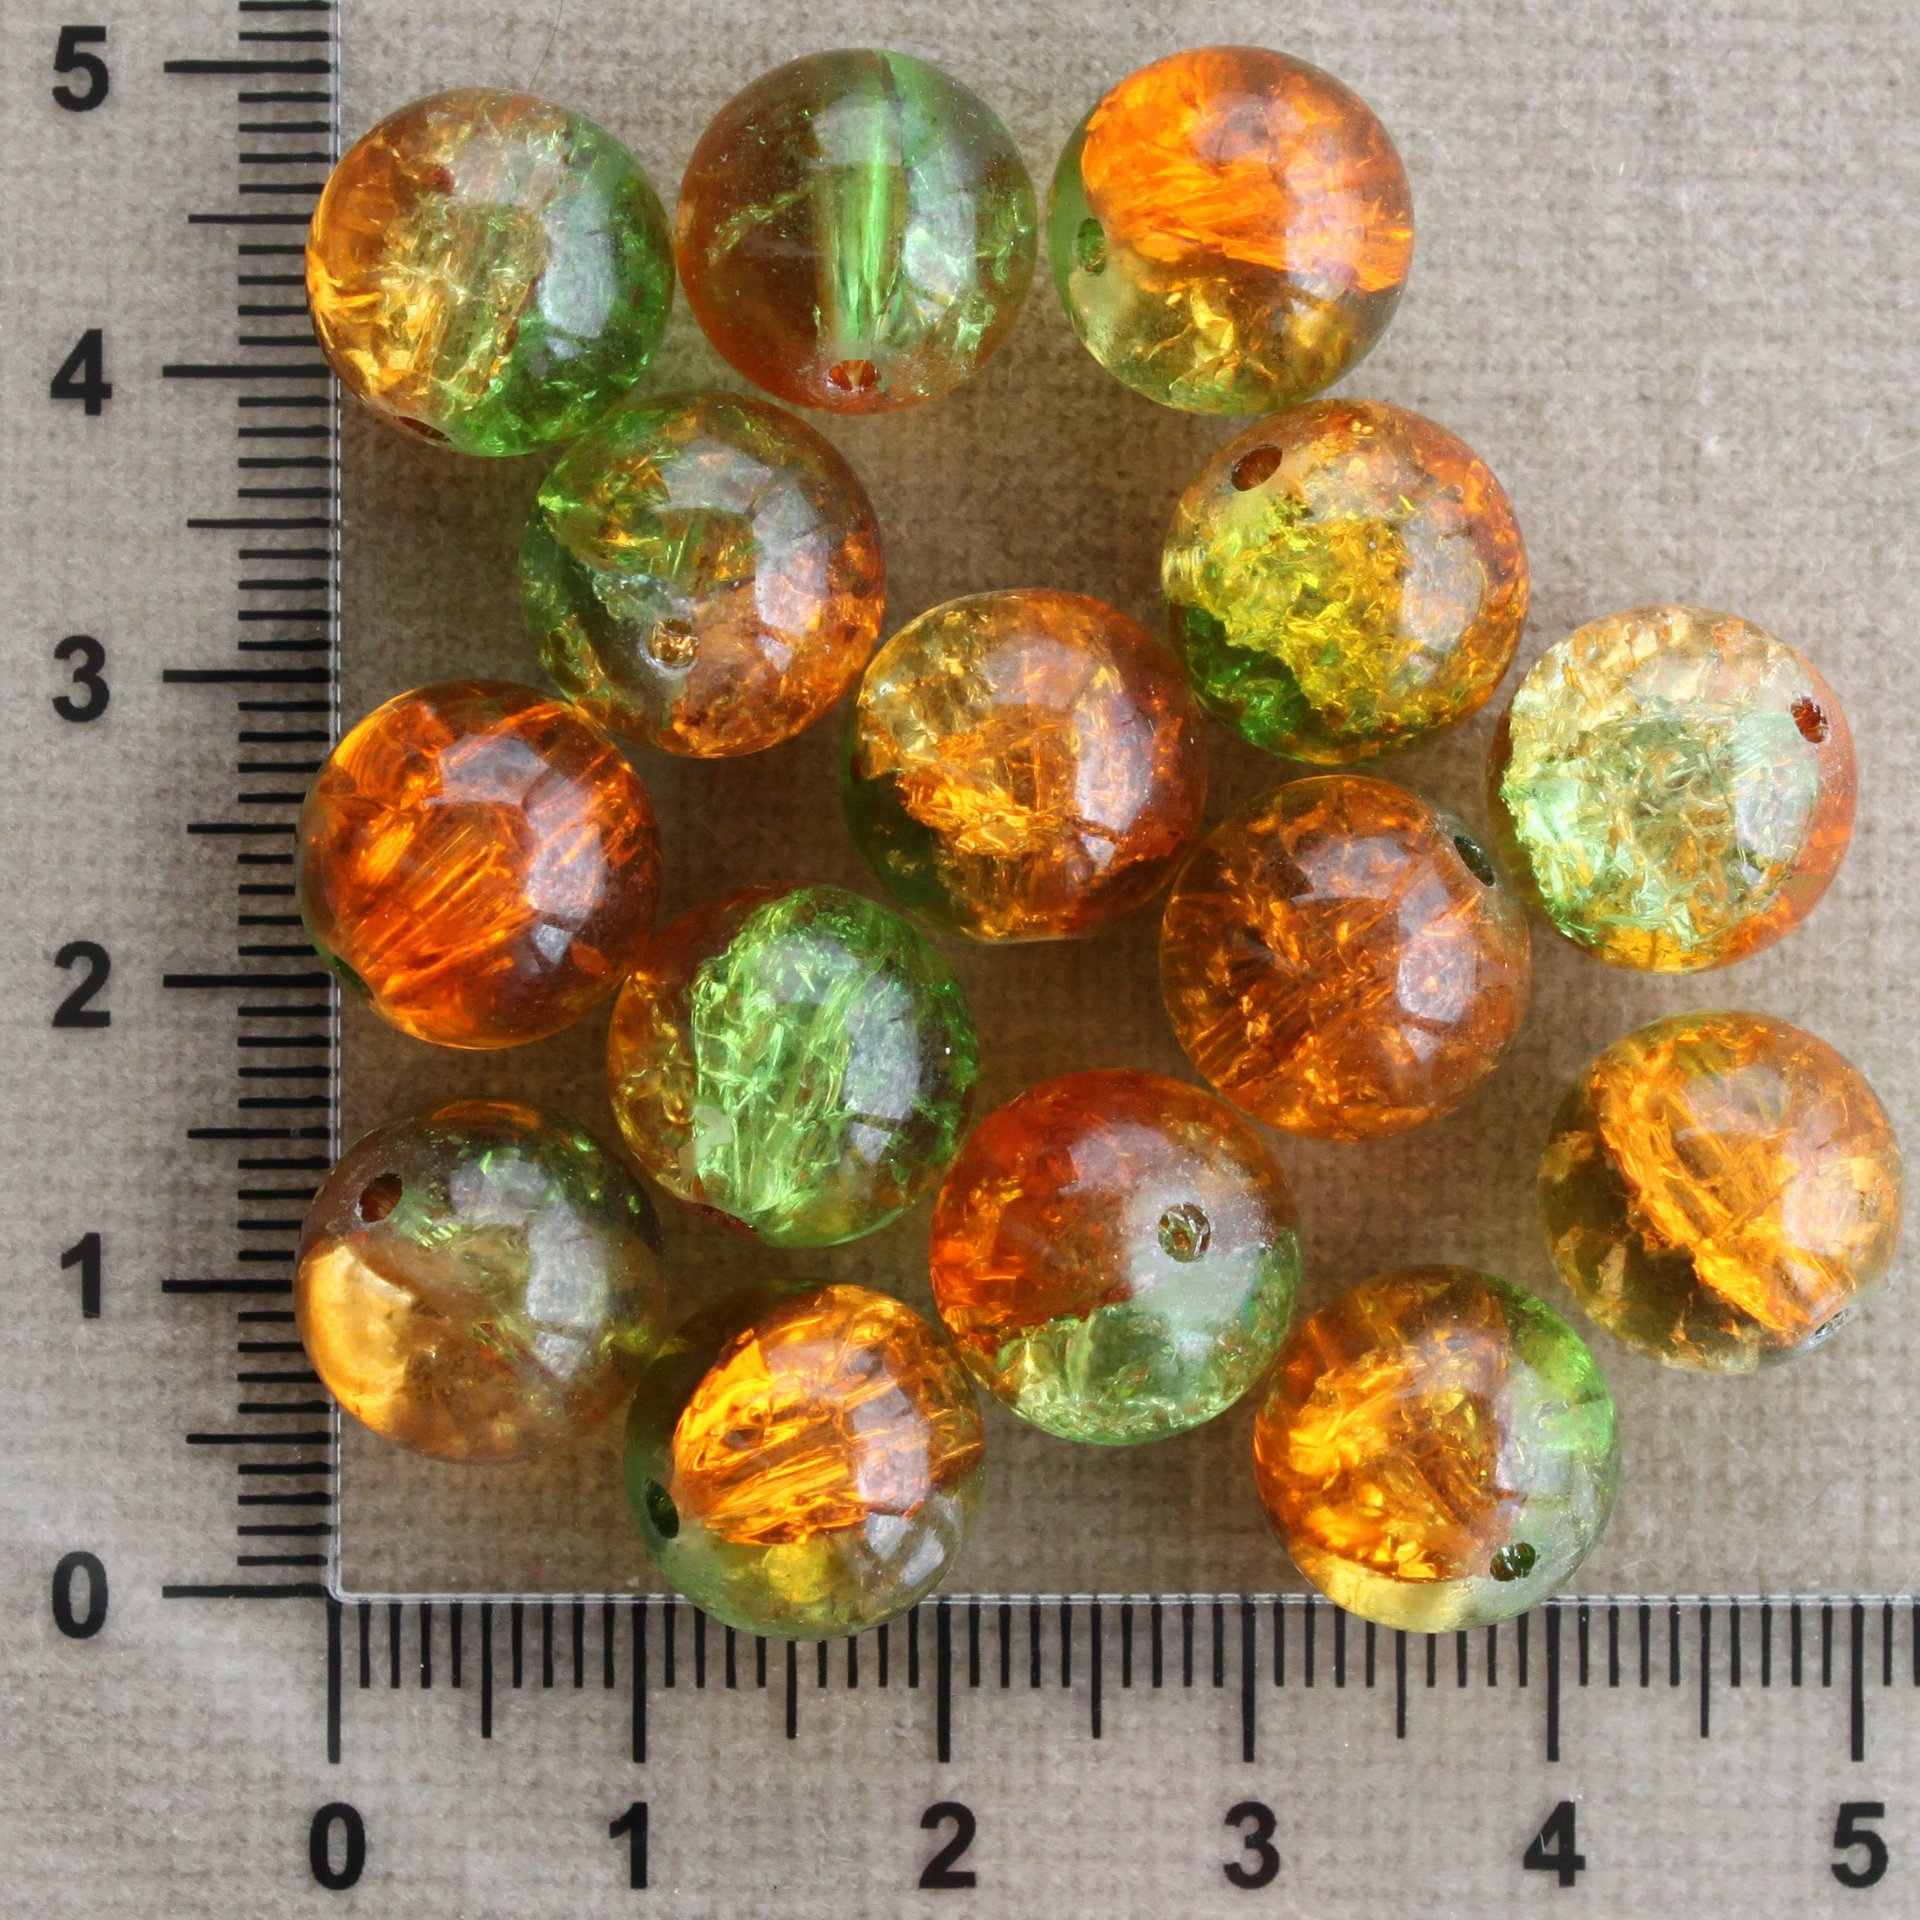 Oranžovo-zelené práskačky 12 mm zelená/oranžová kulička sklo 12 mm 1,5 mm